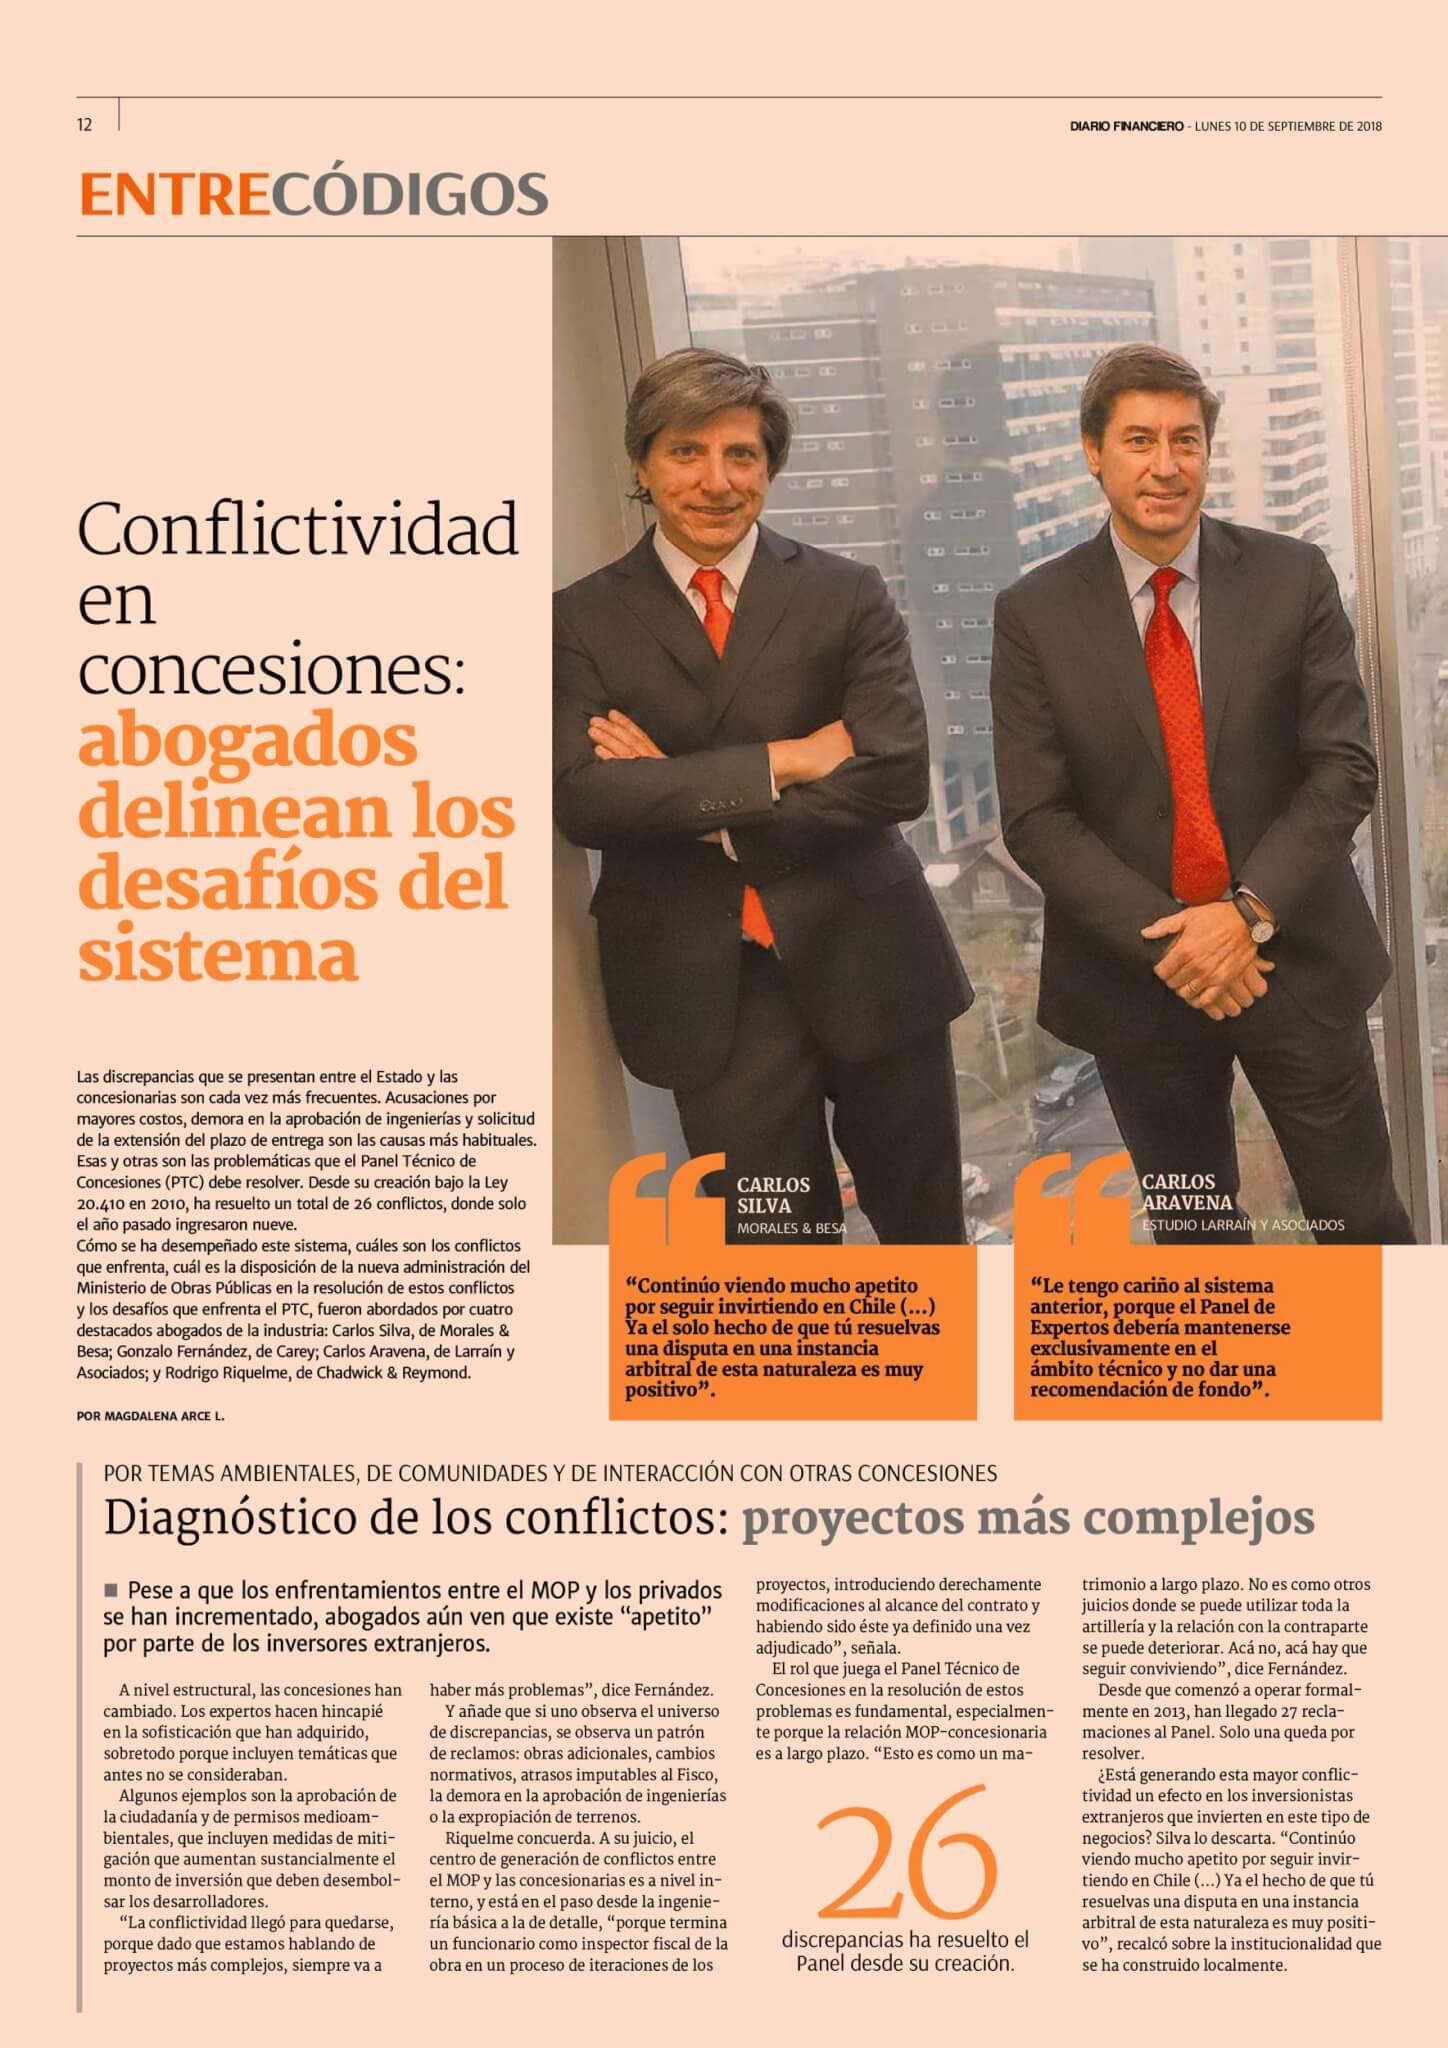 Diario Financiero Entre Códigos - Conflictividad en concesiones abogados delinean los desafíos del sistema - 10092018